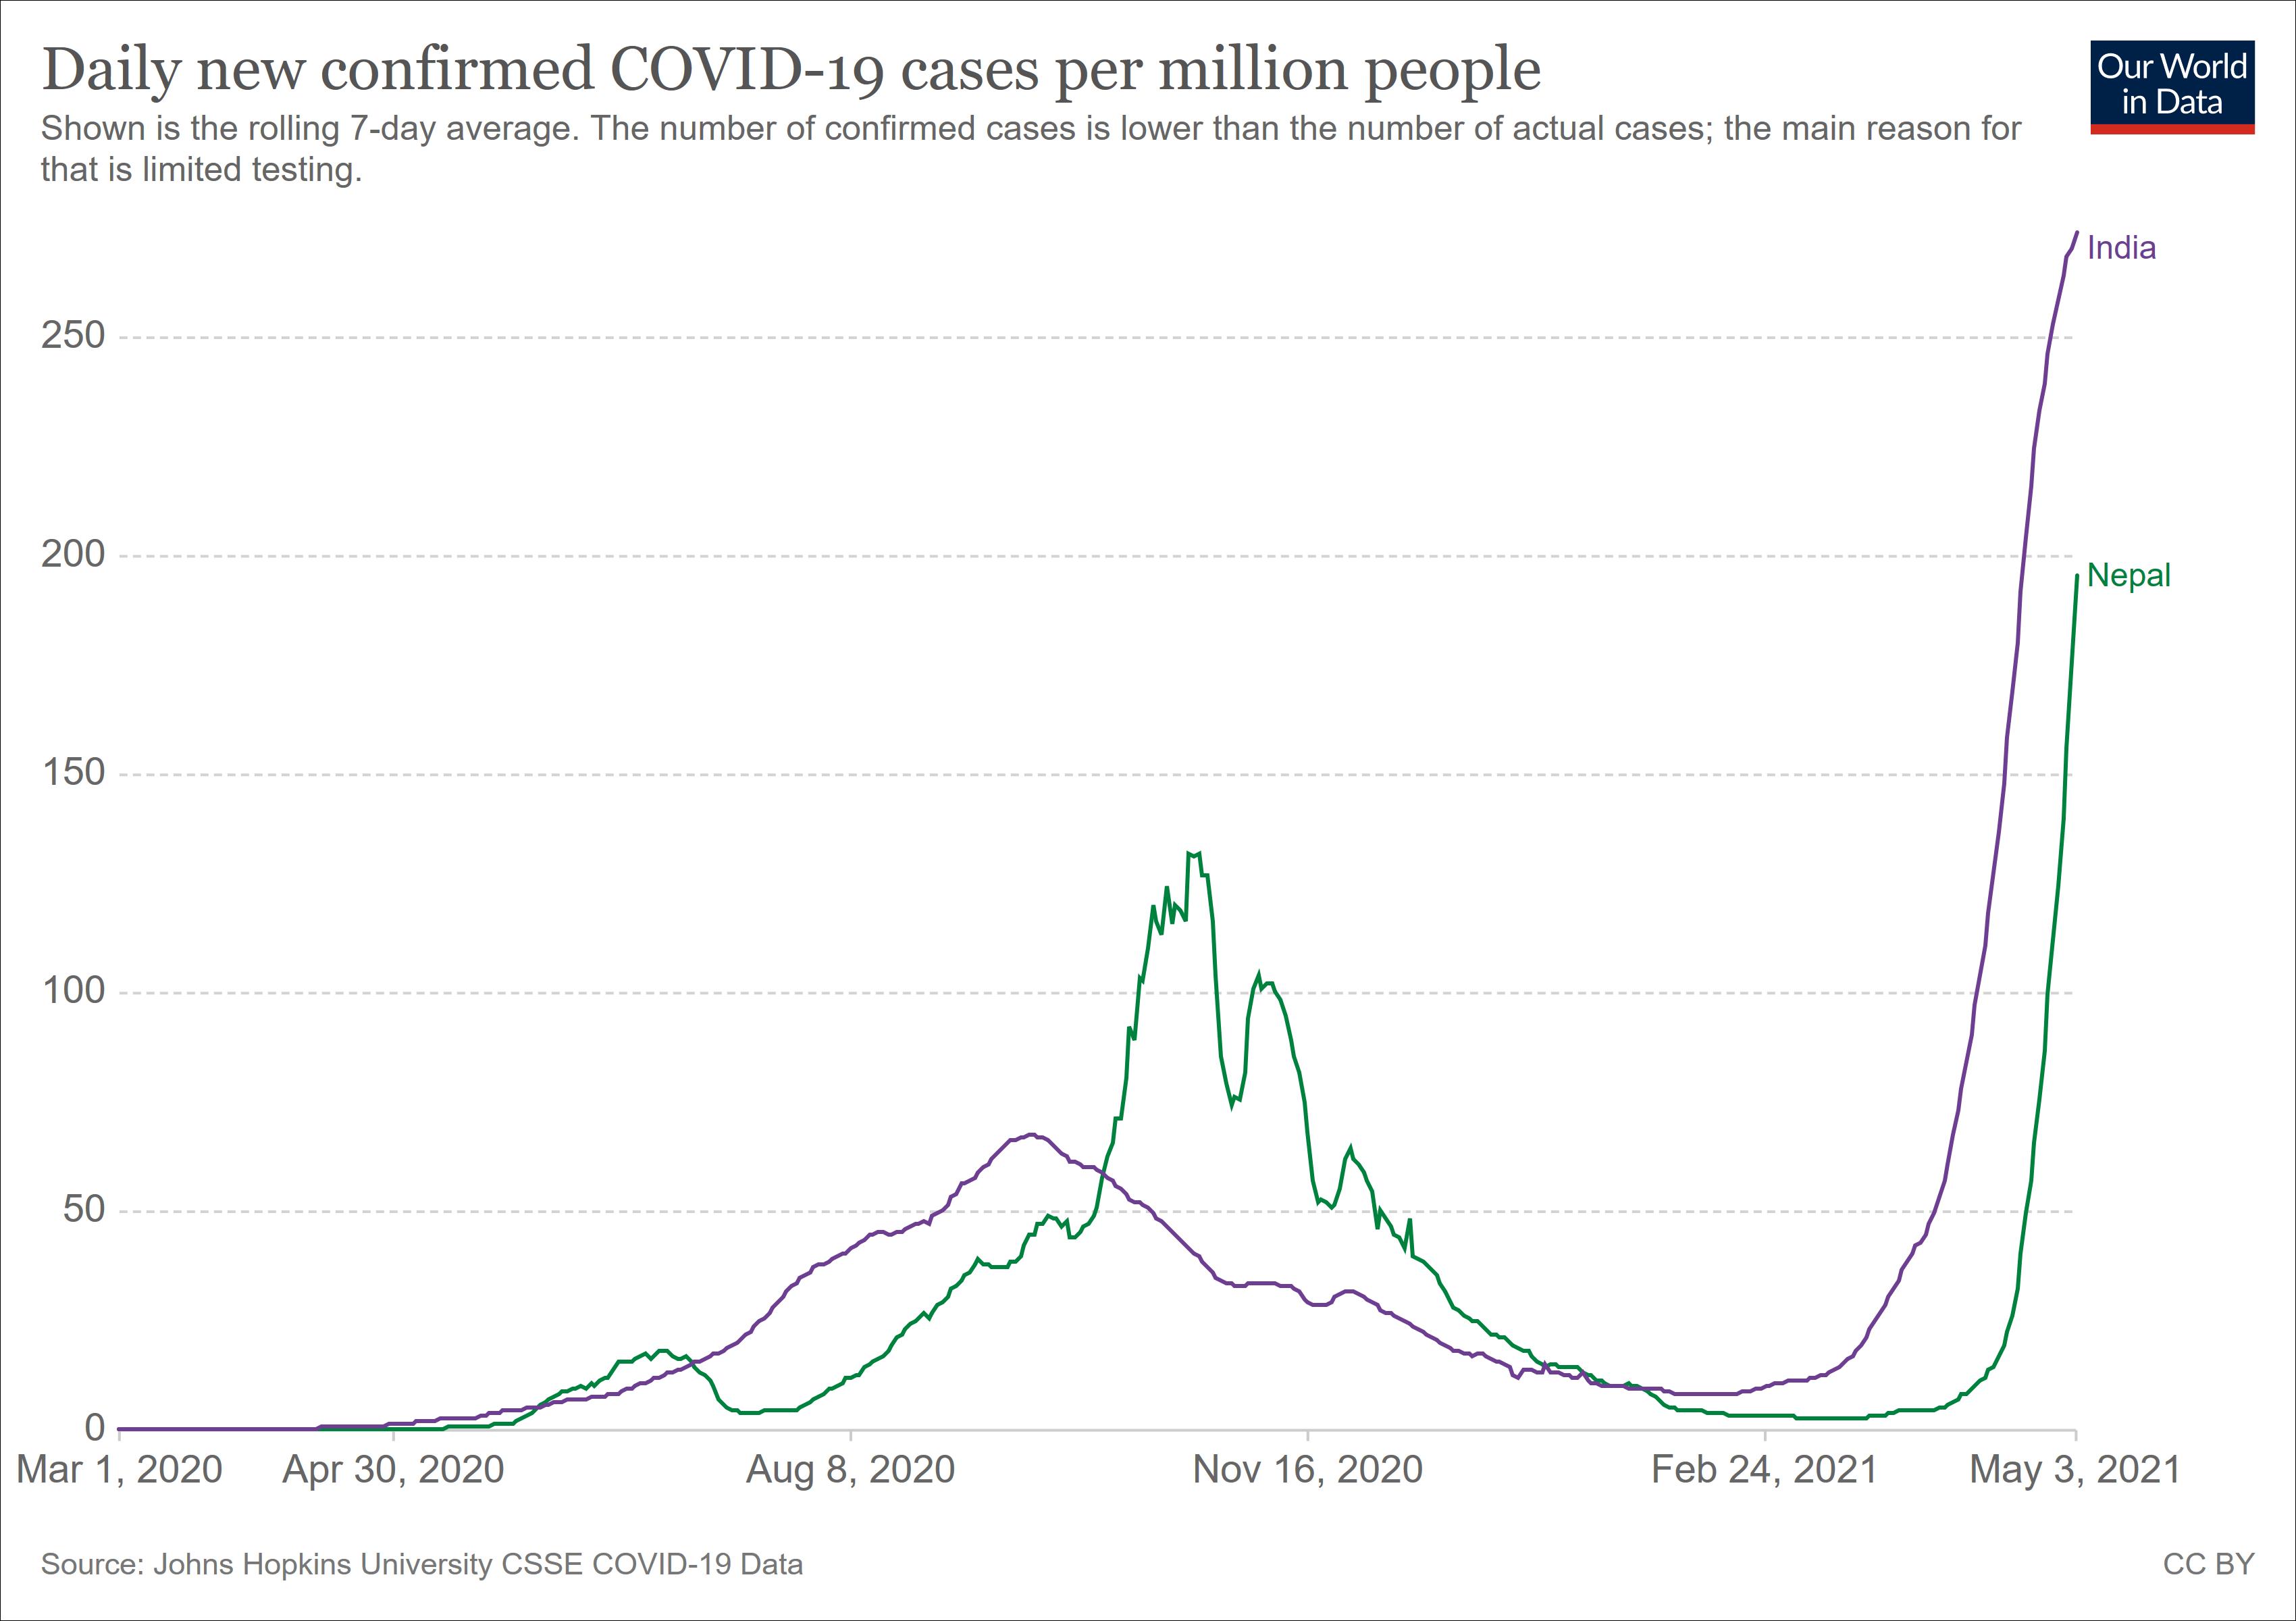 """尼泊尔""""正变迷你印度"""":单日新增7660例创纪录,已向中俄等国求援疫苗"""